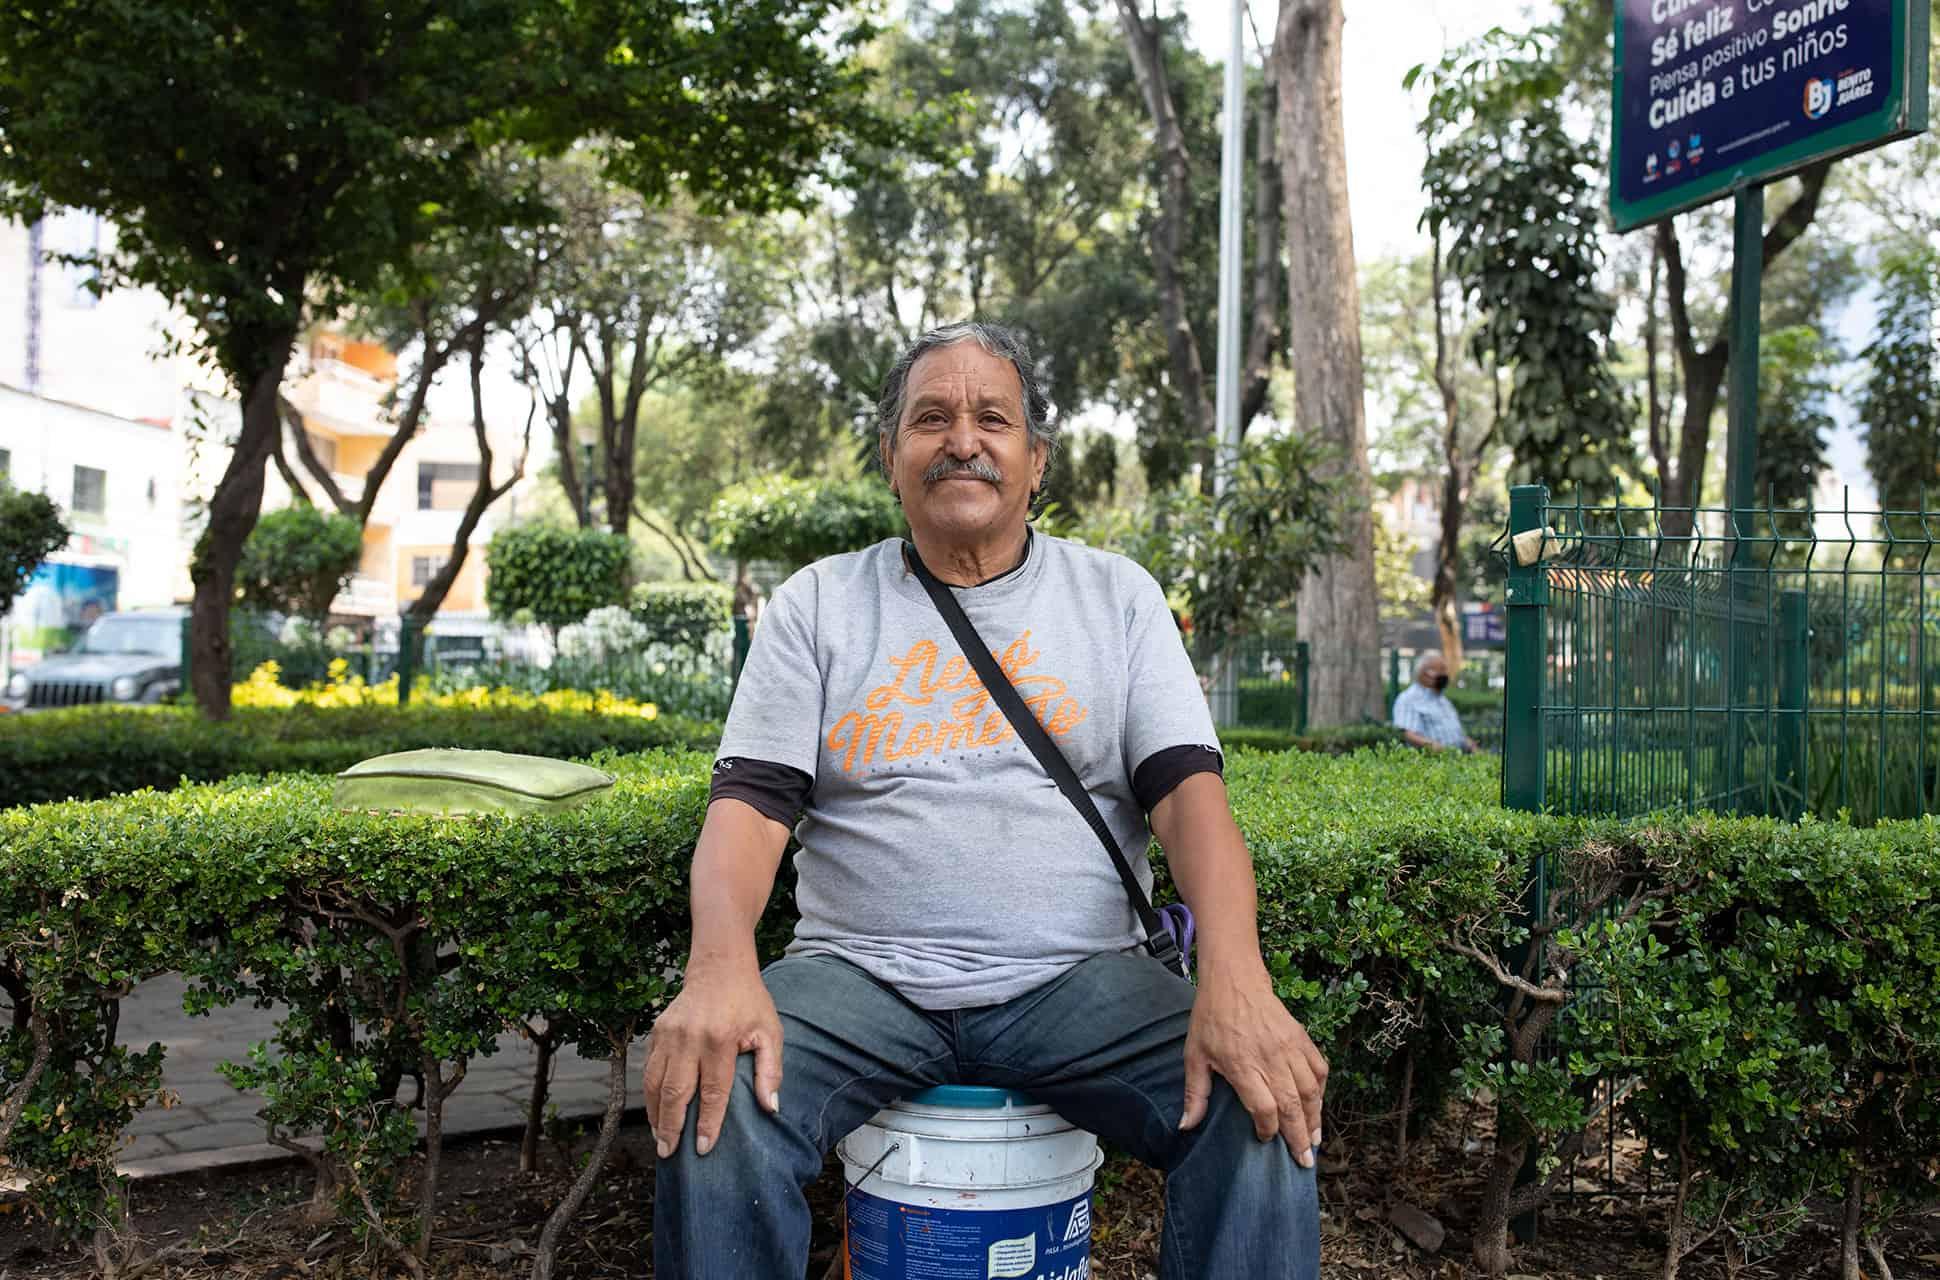 trabajadores informales de la ciudad de mexico